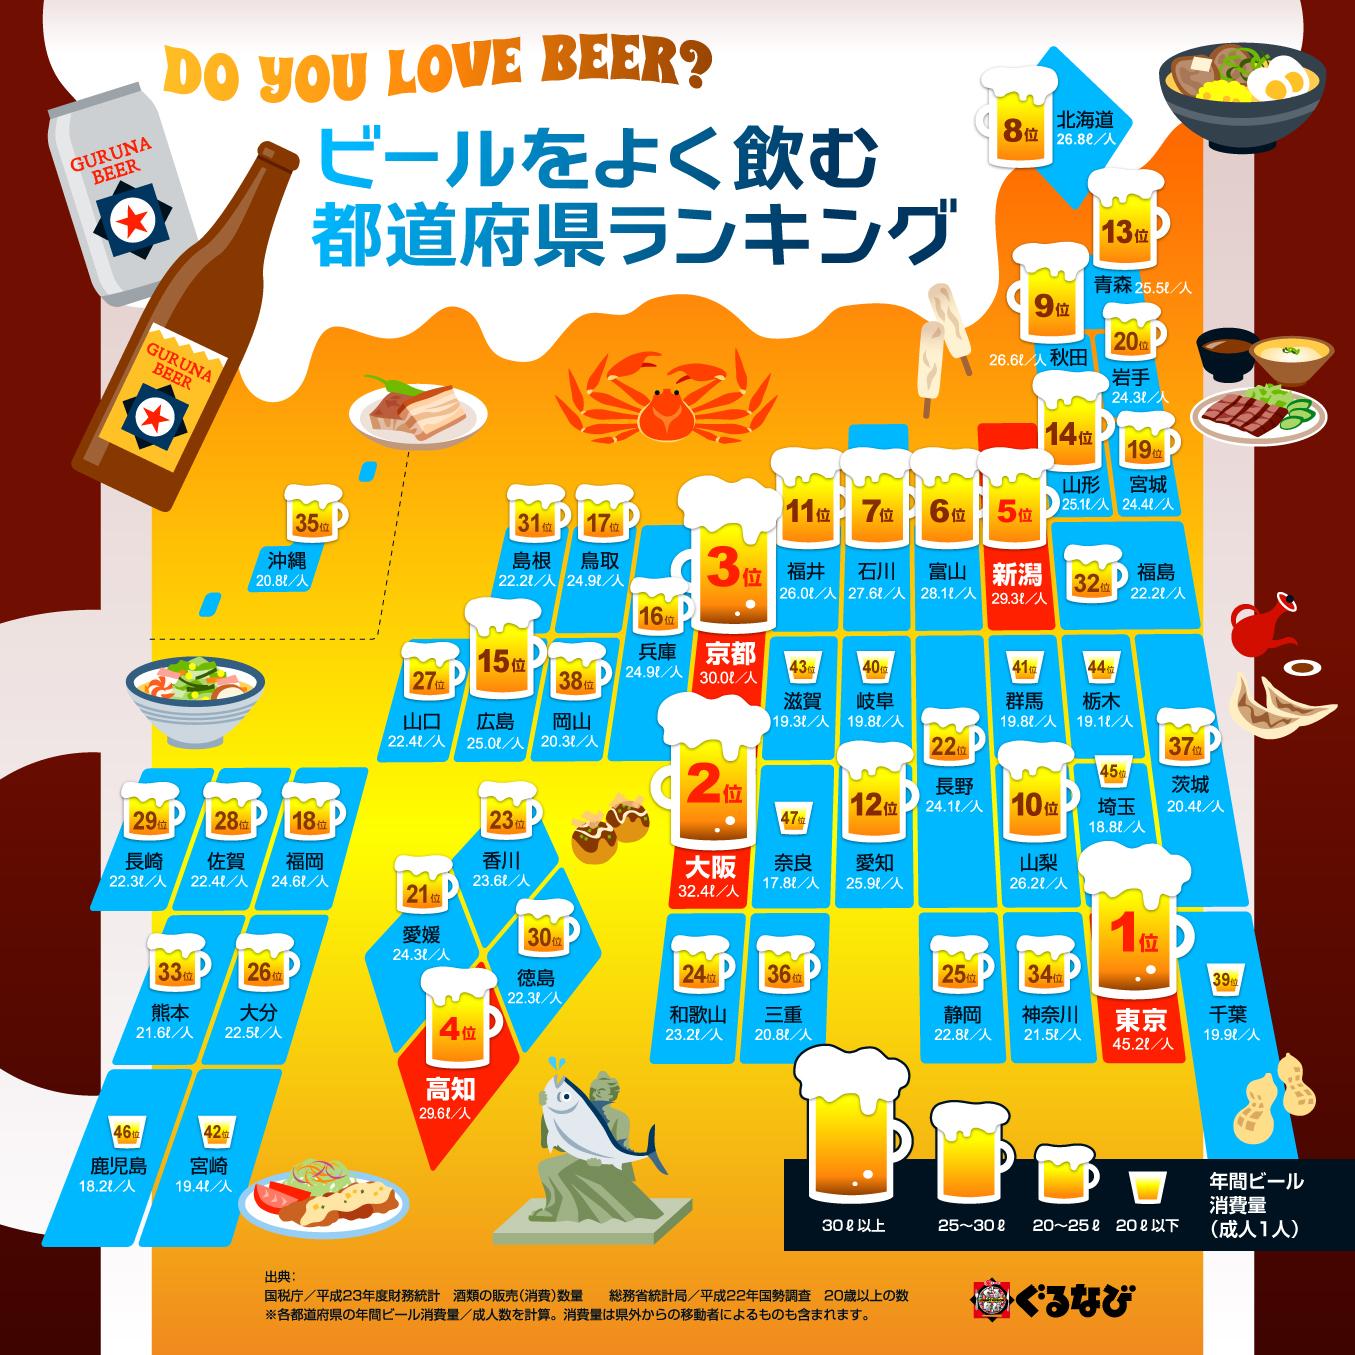 ビールをよく飲む都道府県ランキ...